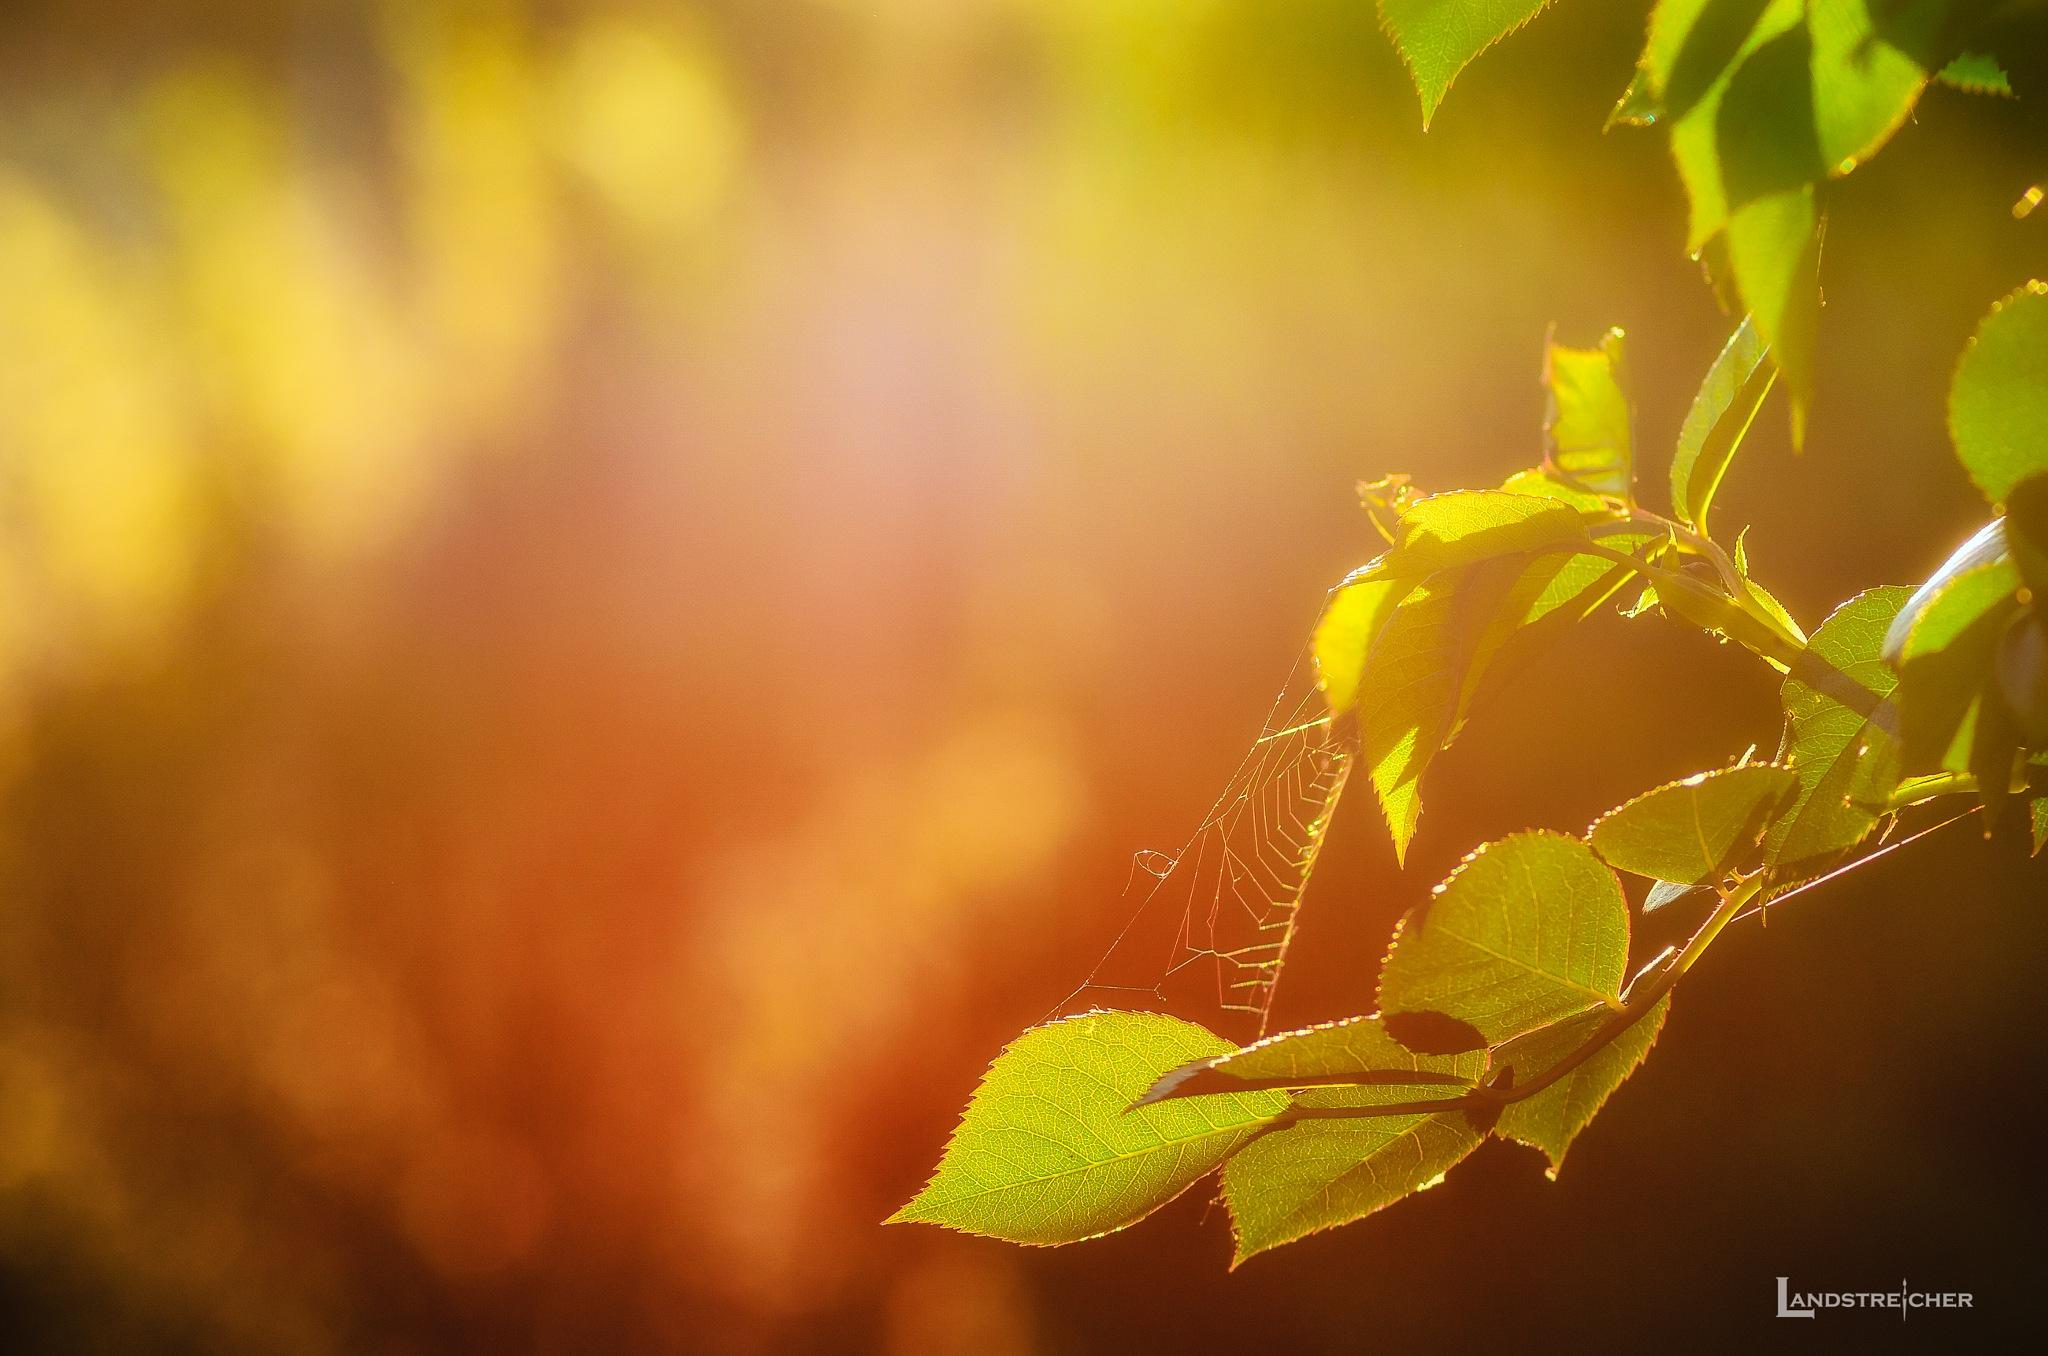 Spider Spring by Landstreicher